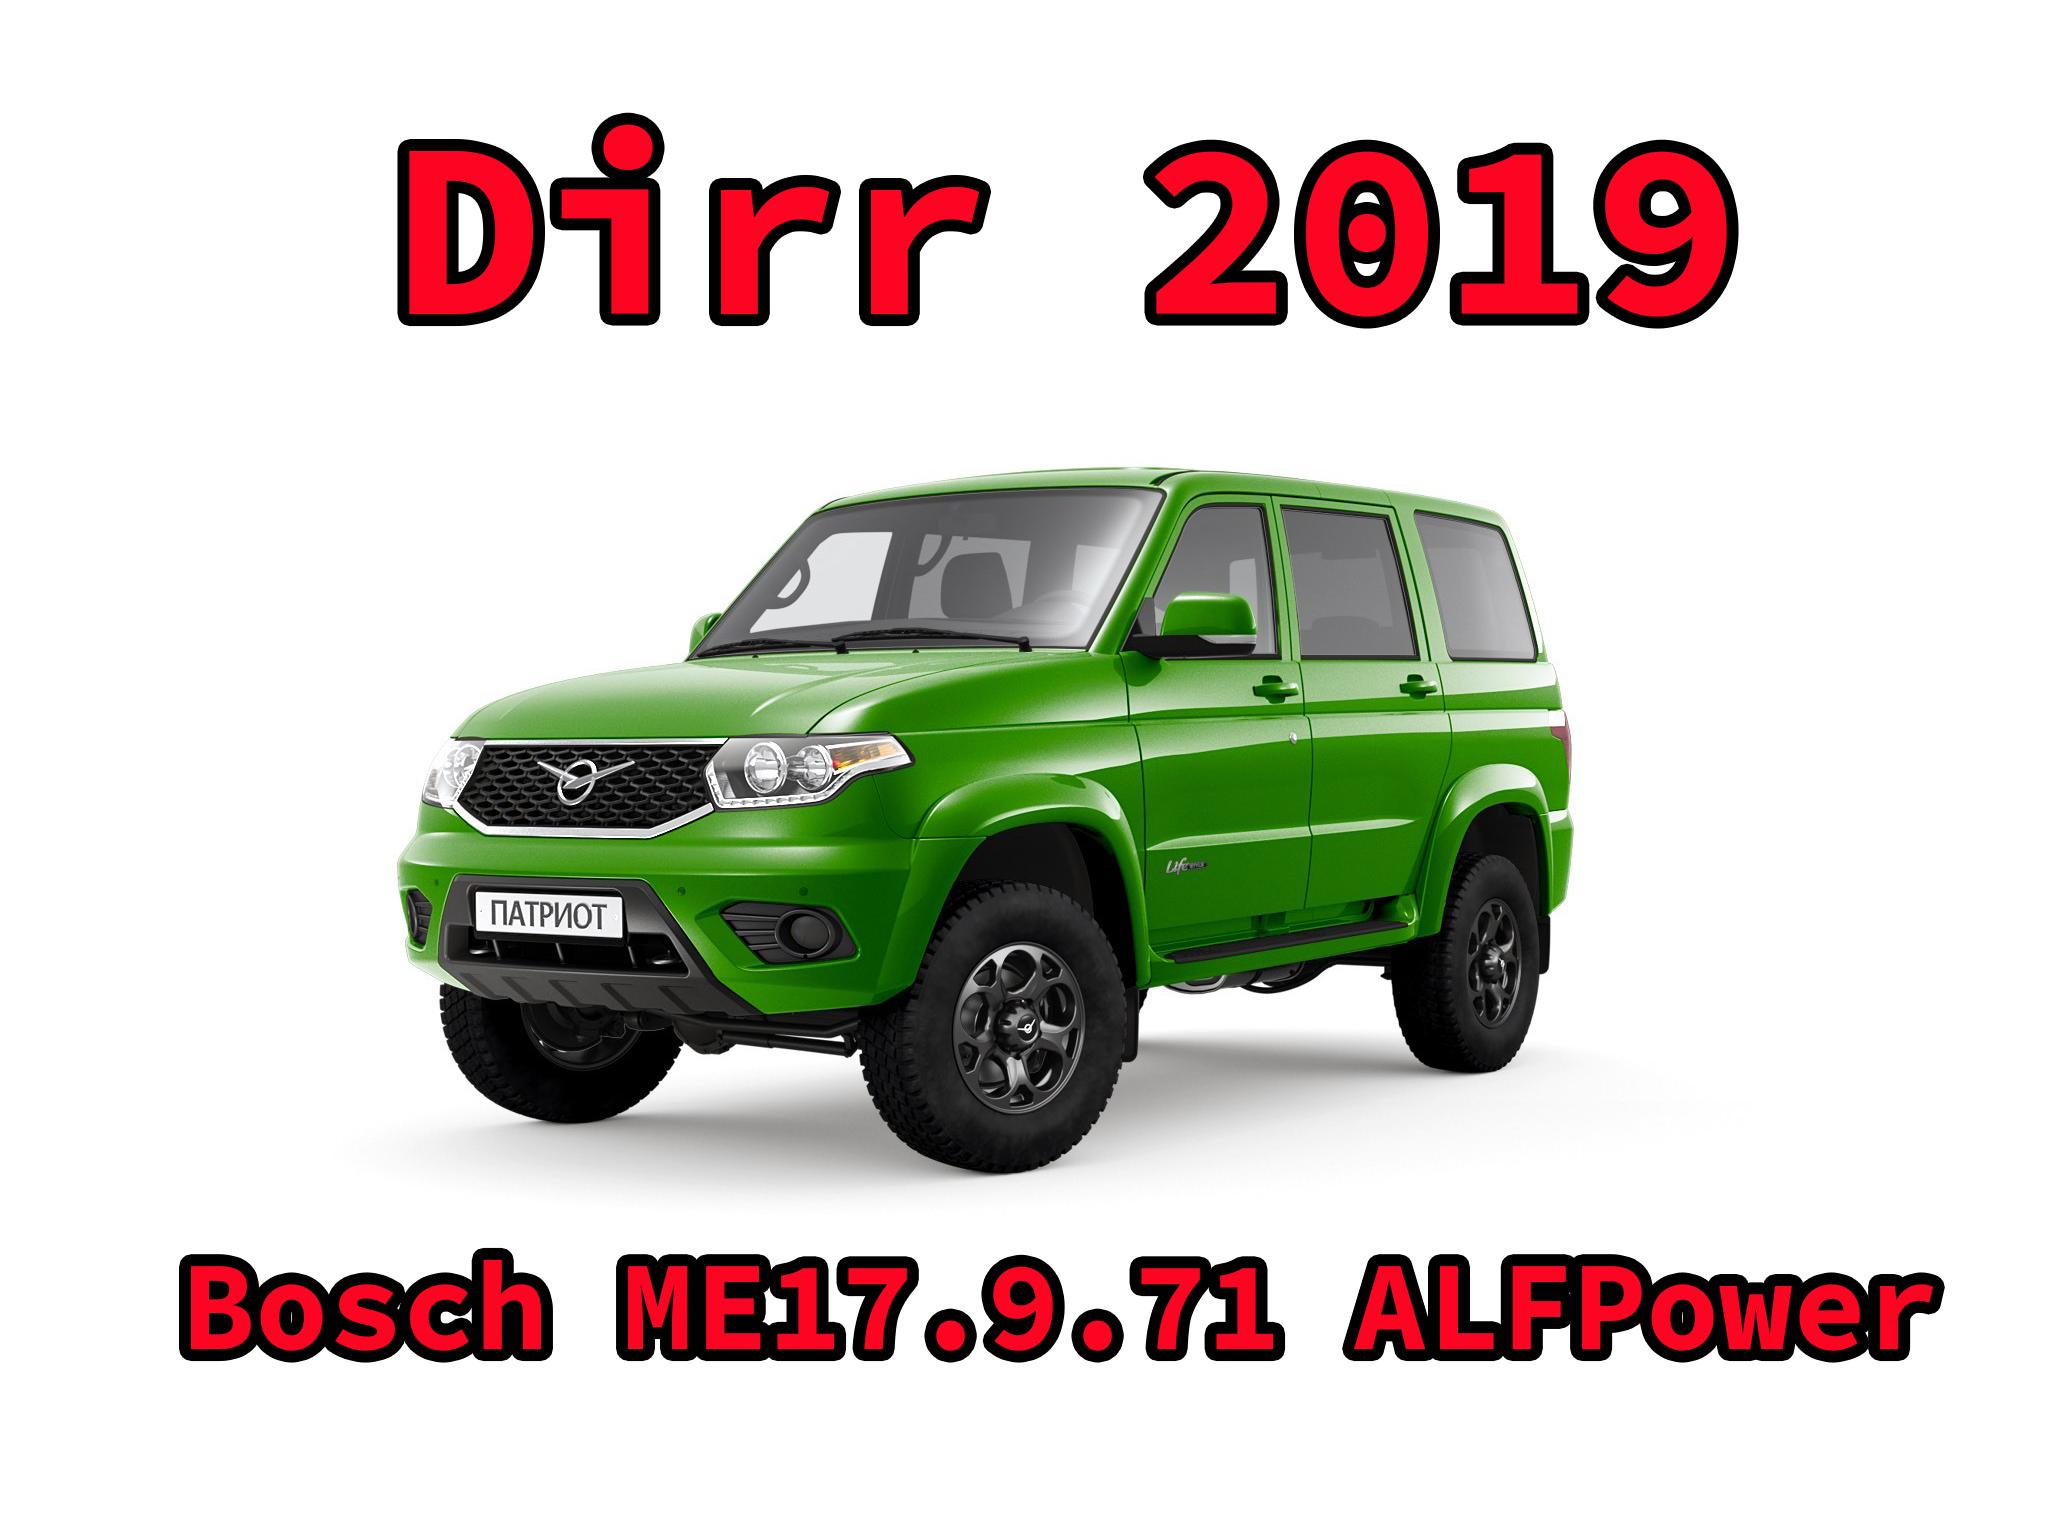 УАЗ с контроллером Bosch M(E)17.9.71 (Dirr 2019)